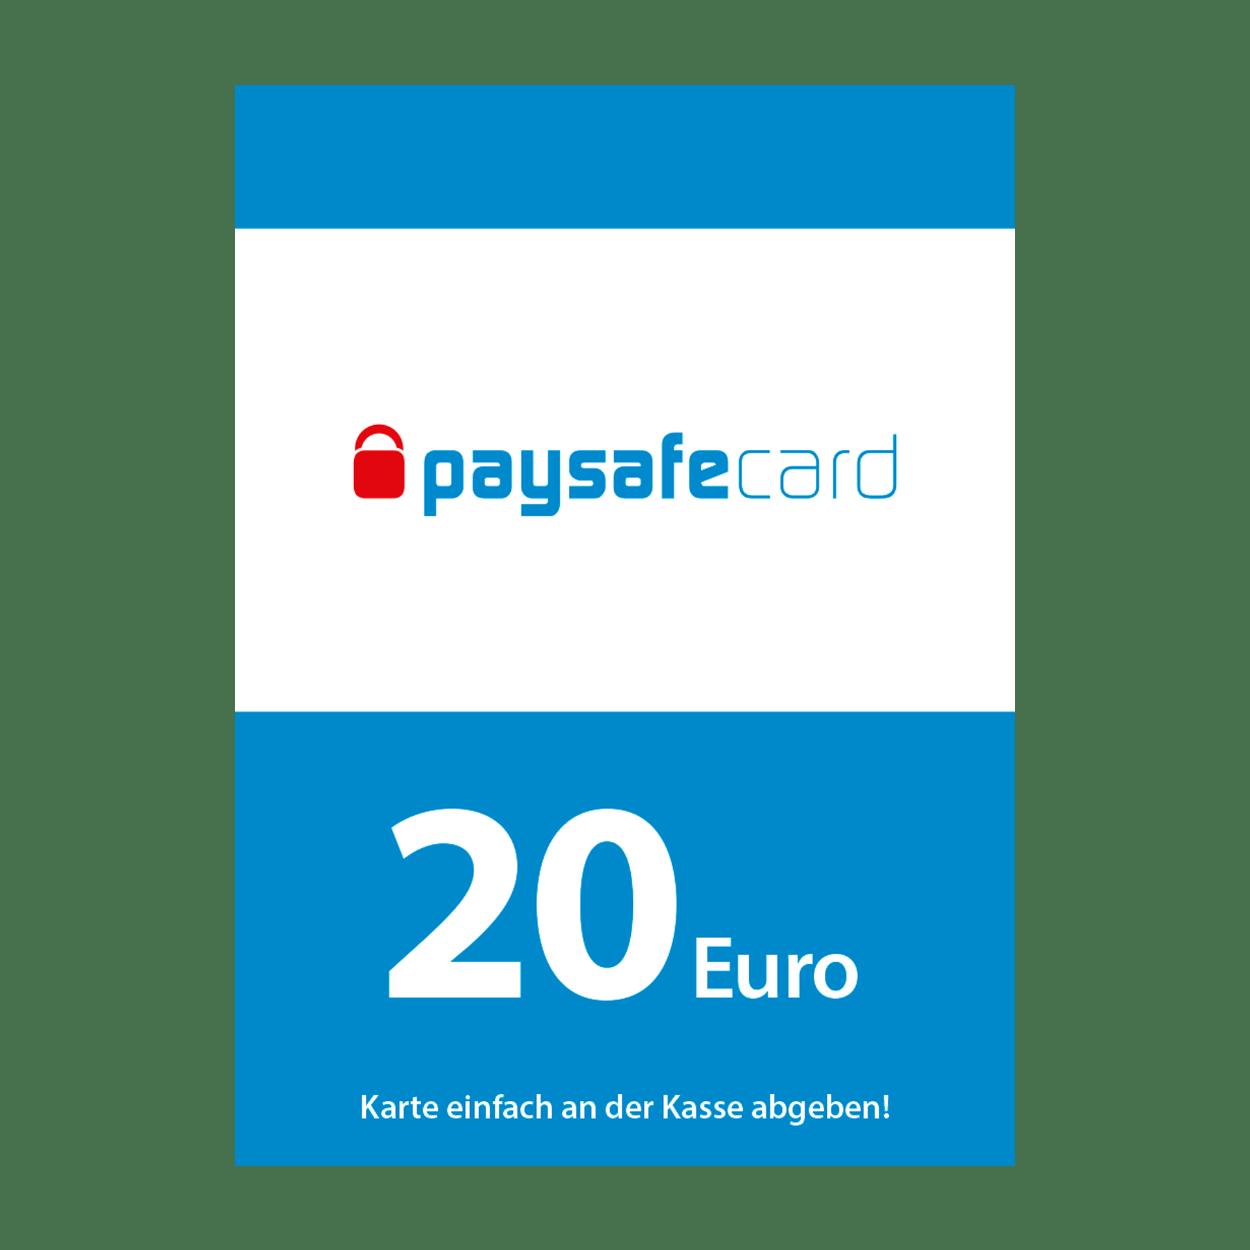 Paysafecard Png